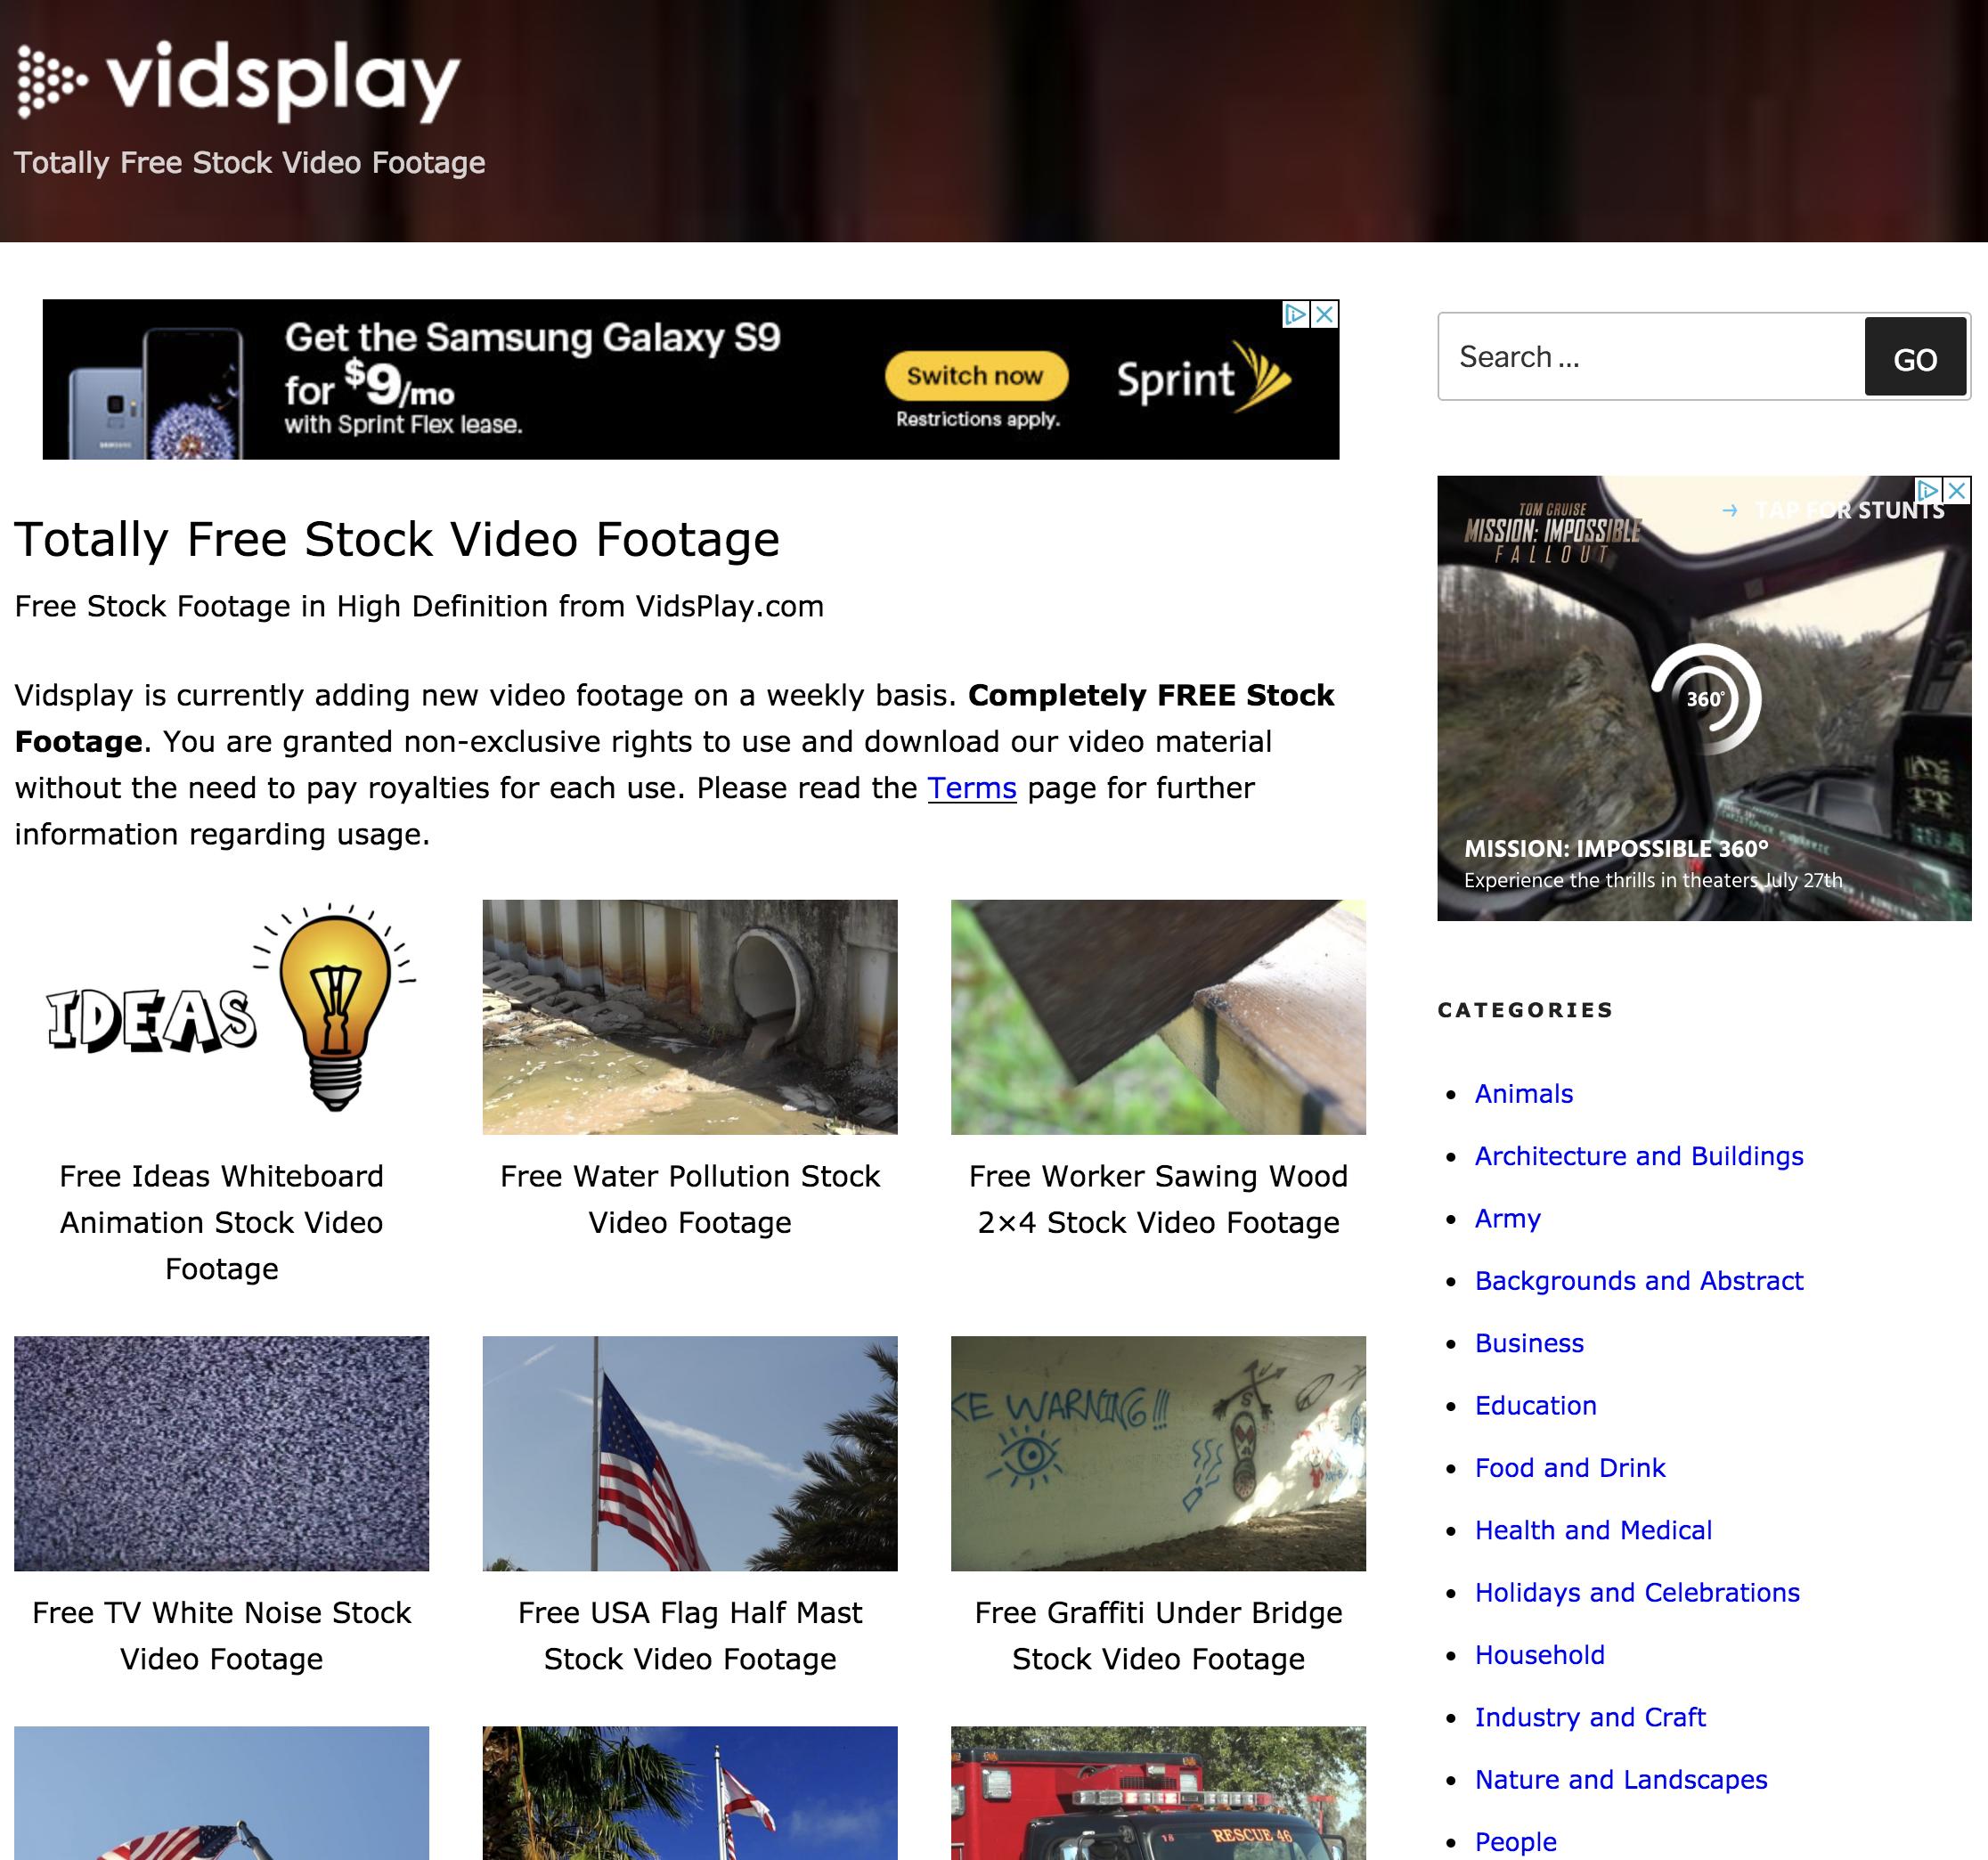 vidsplay-video-footage